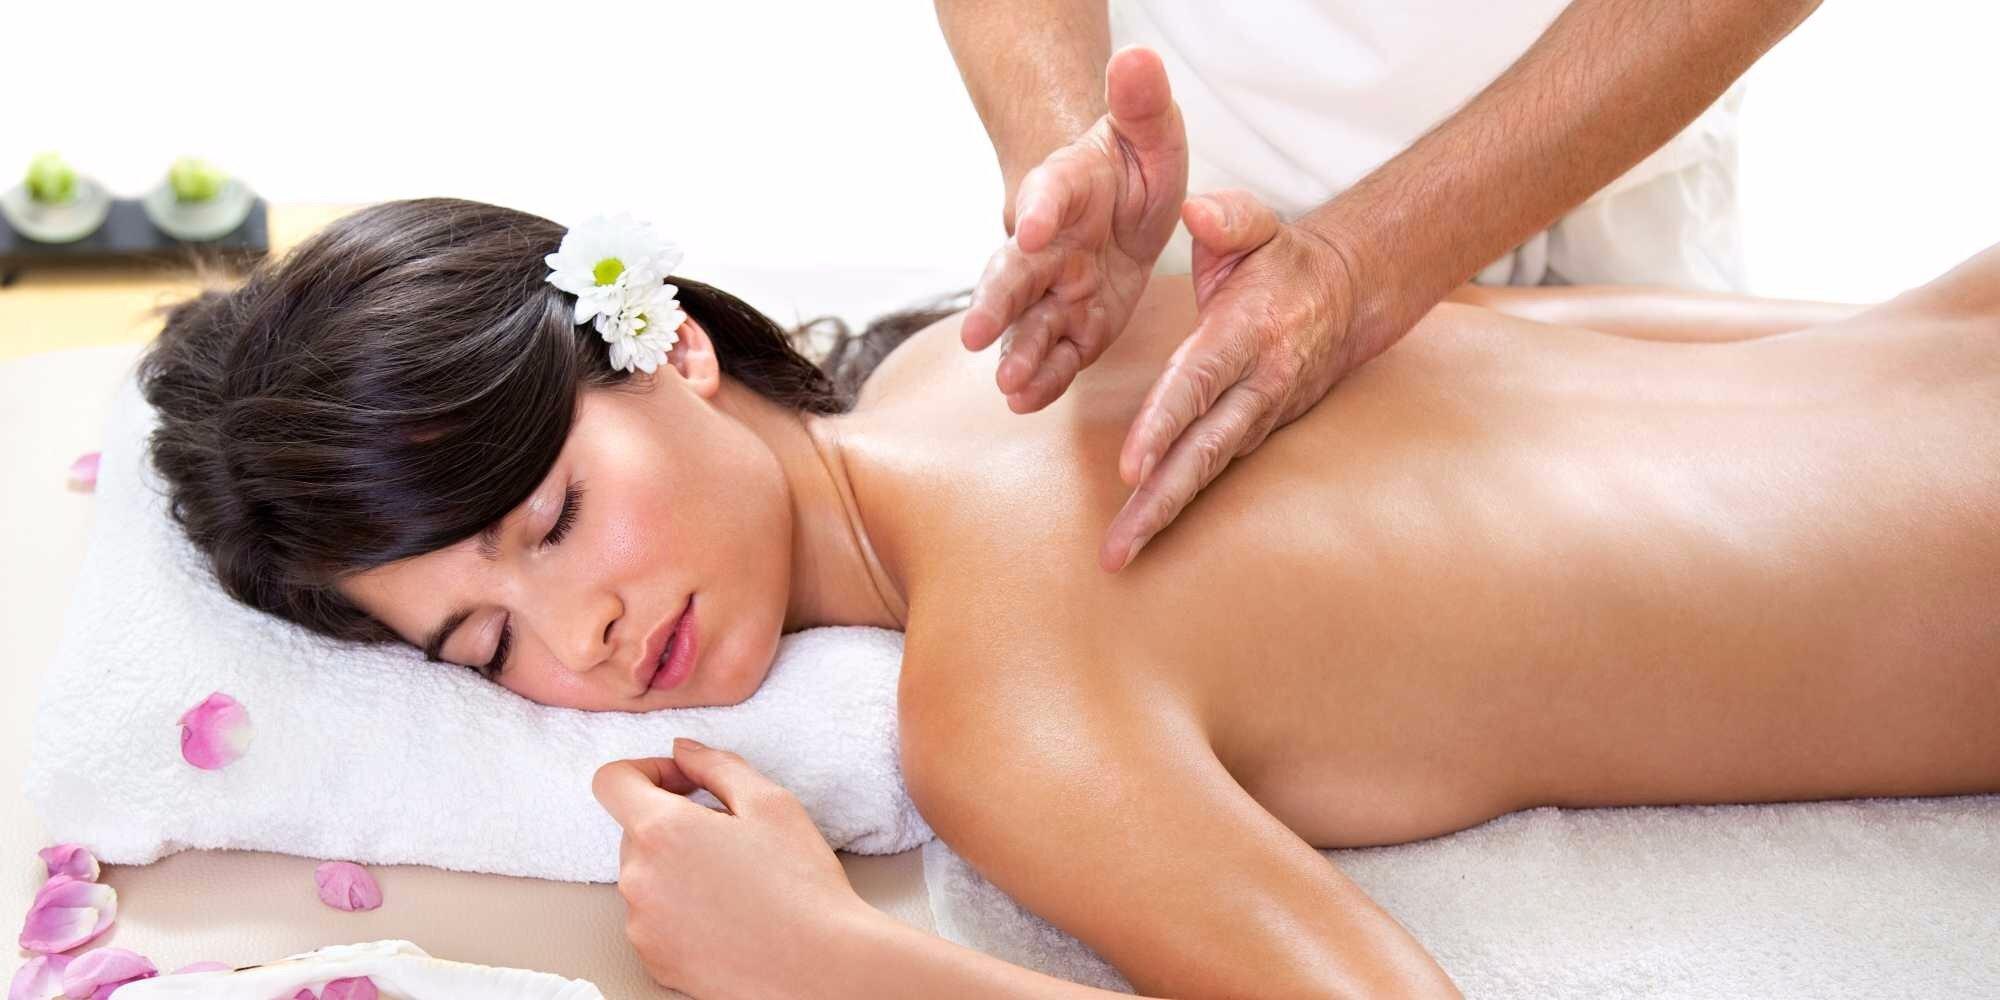 Как сделать женщине массаж расслабляющий